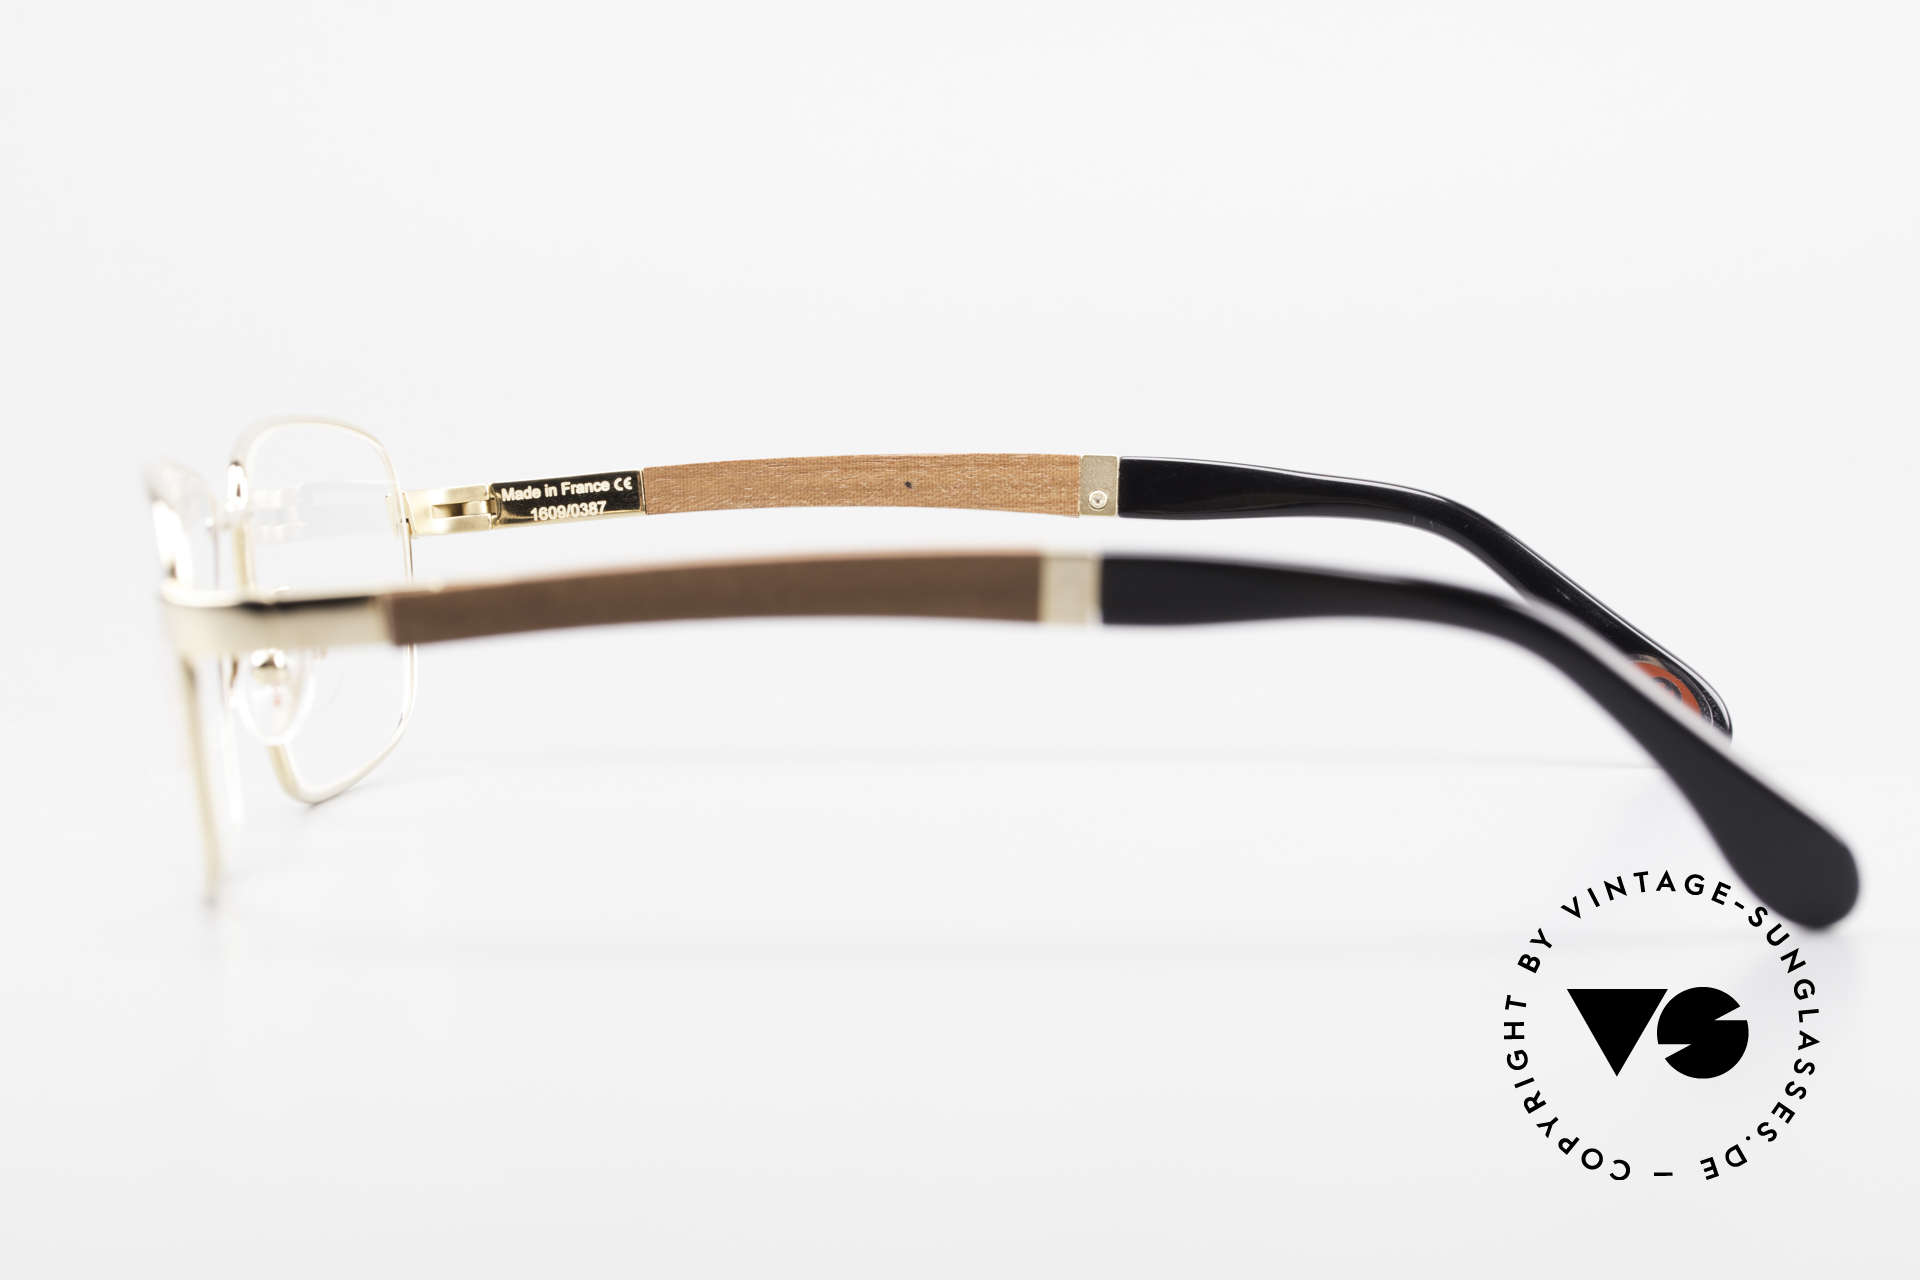 Bugatti 548 Padouk Edelholz Brille Gold L, absolutes Spitzen-Produkt in Design & Verarbeitung, Passend für Herren